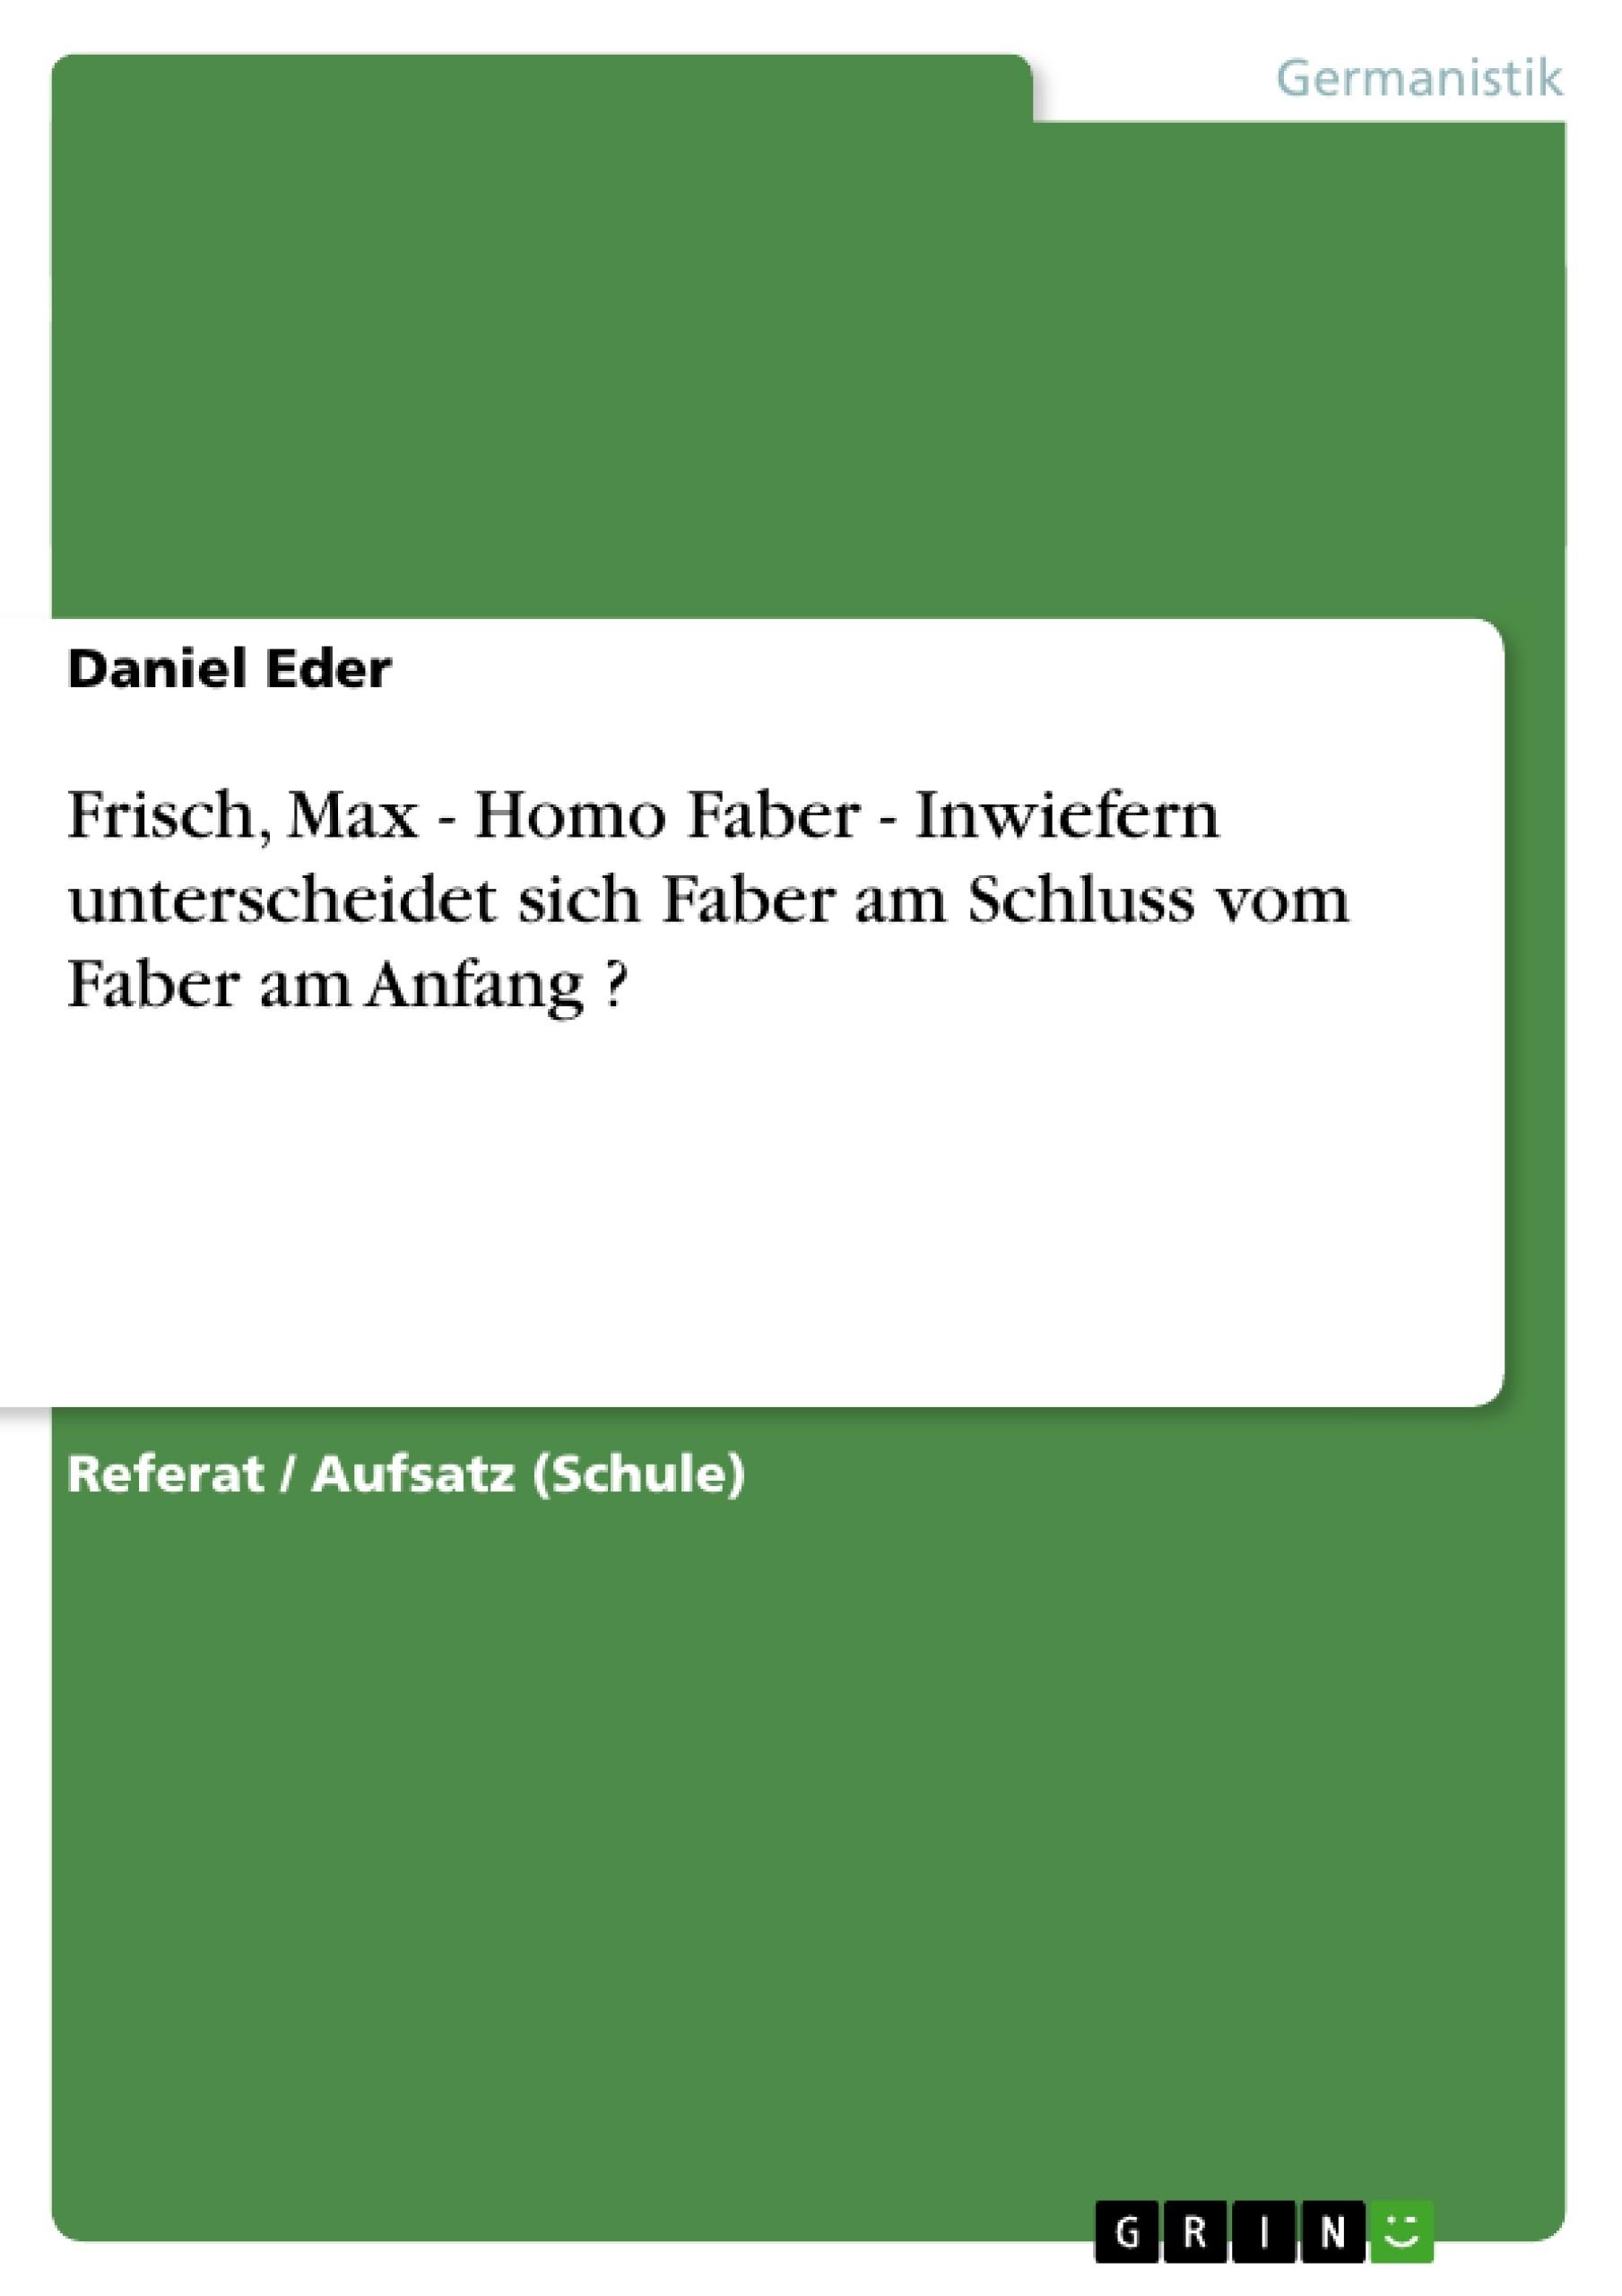 Titel: Frisch, Max - Homo Faber - Inwiefern unterscheidet sich Faber am Schluss vom Faber am Anfang ?